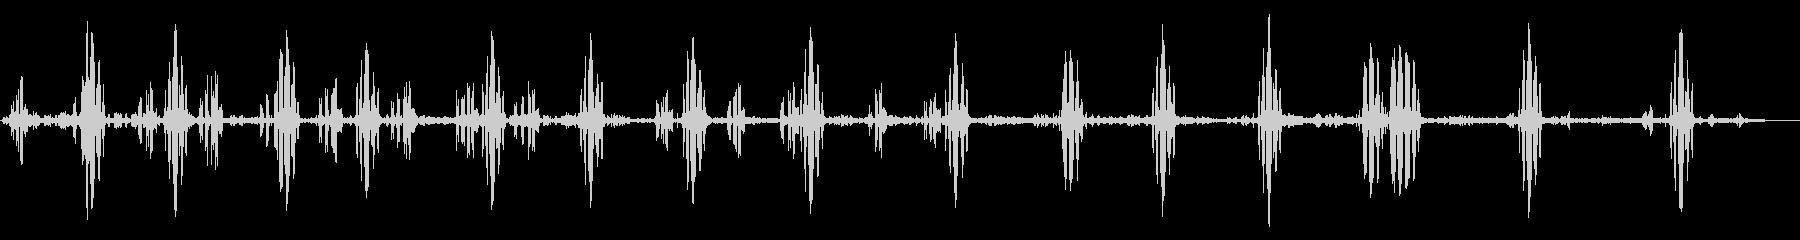 アンビエント鳥の歌う昆虫の未再生の波形